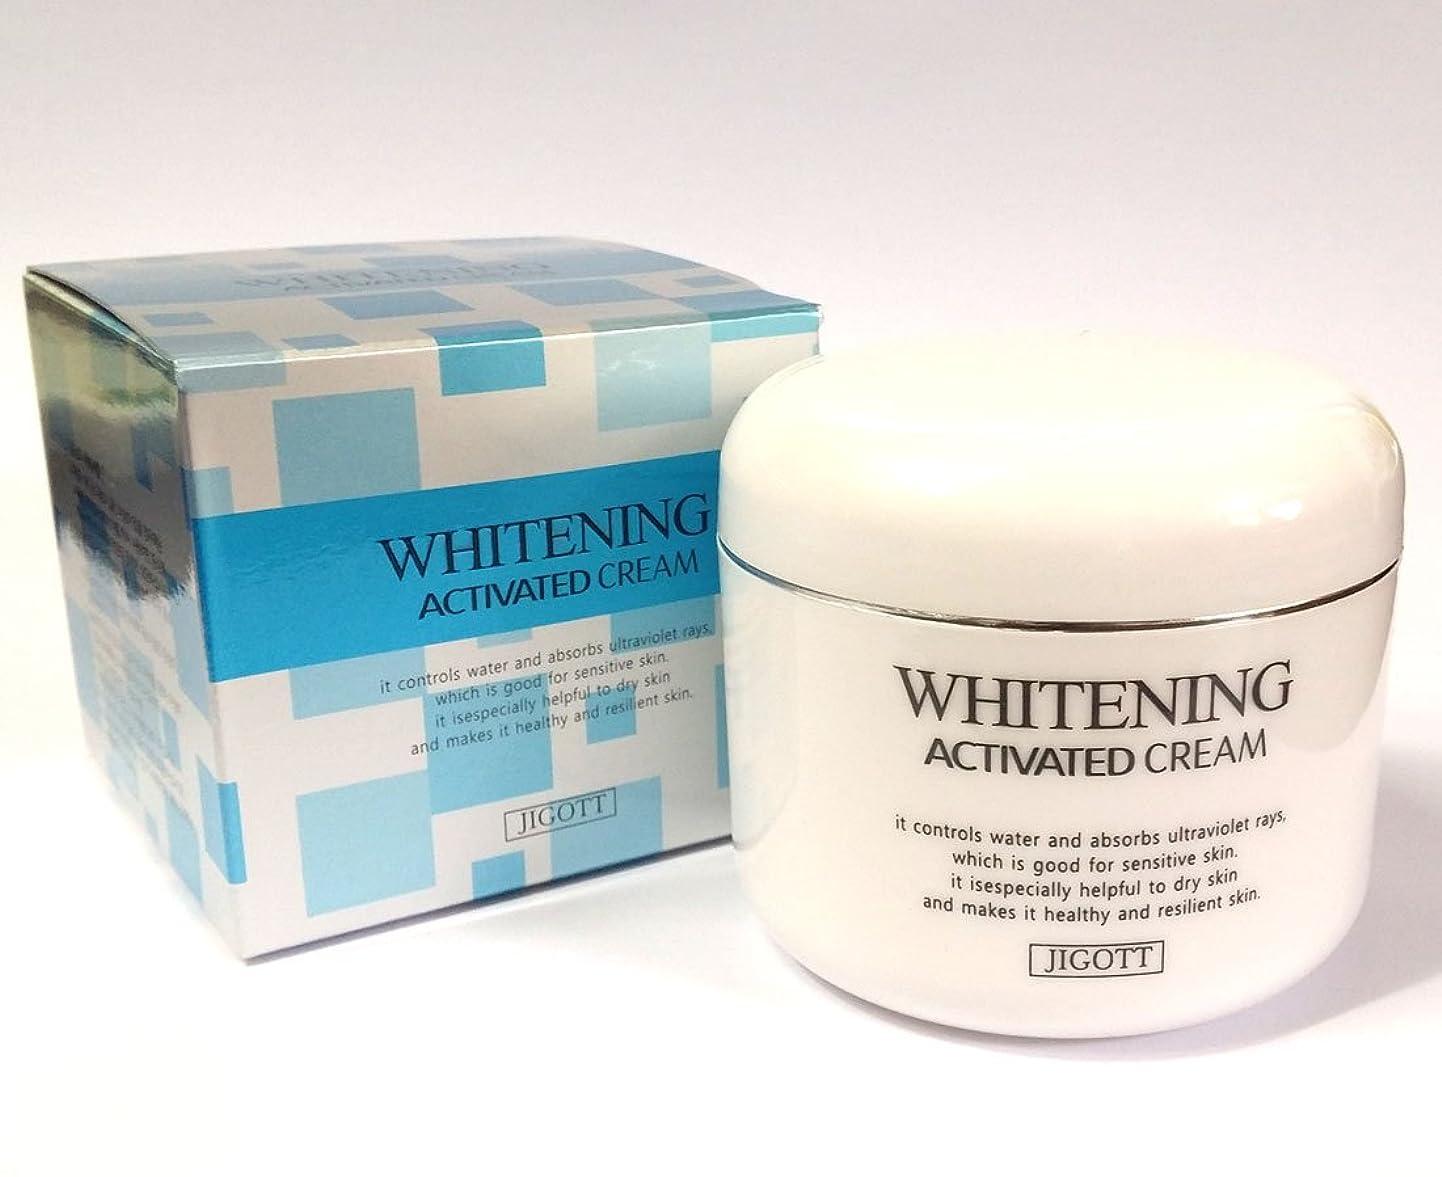 鍔さらに愛国的な[JIGOTT] ホワイトニング活性化クリーム100ml/Whitening Activated Cream 100ml/潤い、滑らか、明るい/韓国の化粧品/moisture,smooth,bright/Korean Cosmetics (3EA) [並行輸入品]